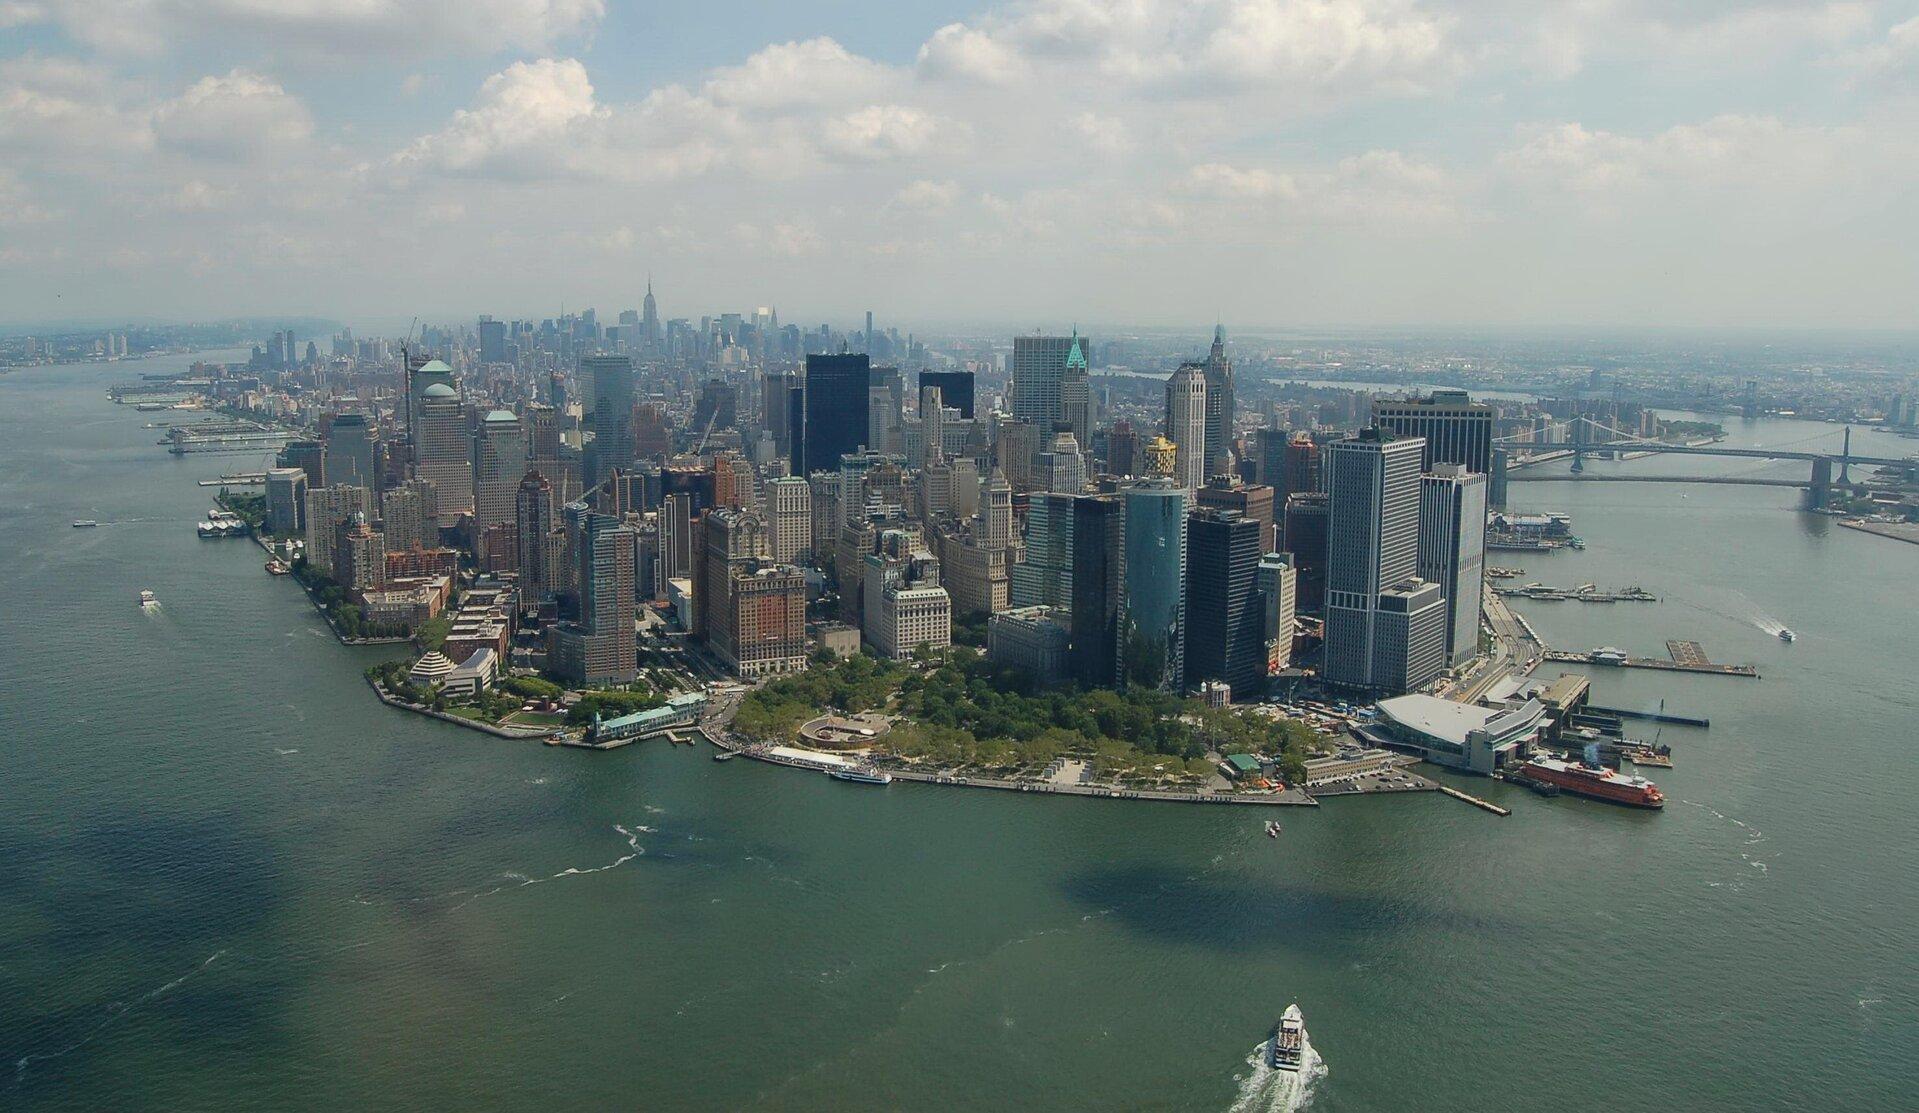 Na zdjęciu lotniczym bardzo gęsta, wysoka, nowoczesna zabudowa miejska usytuowana na końcu cypla otoczonego rzeką. Wtle most na rzece, statki.